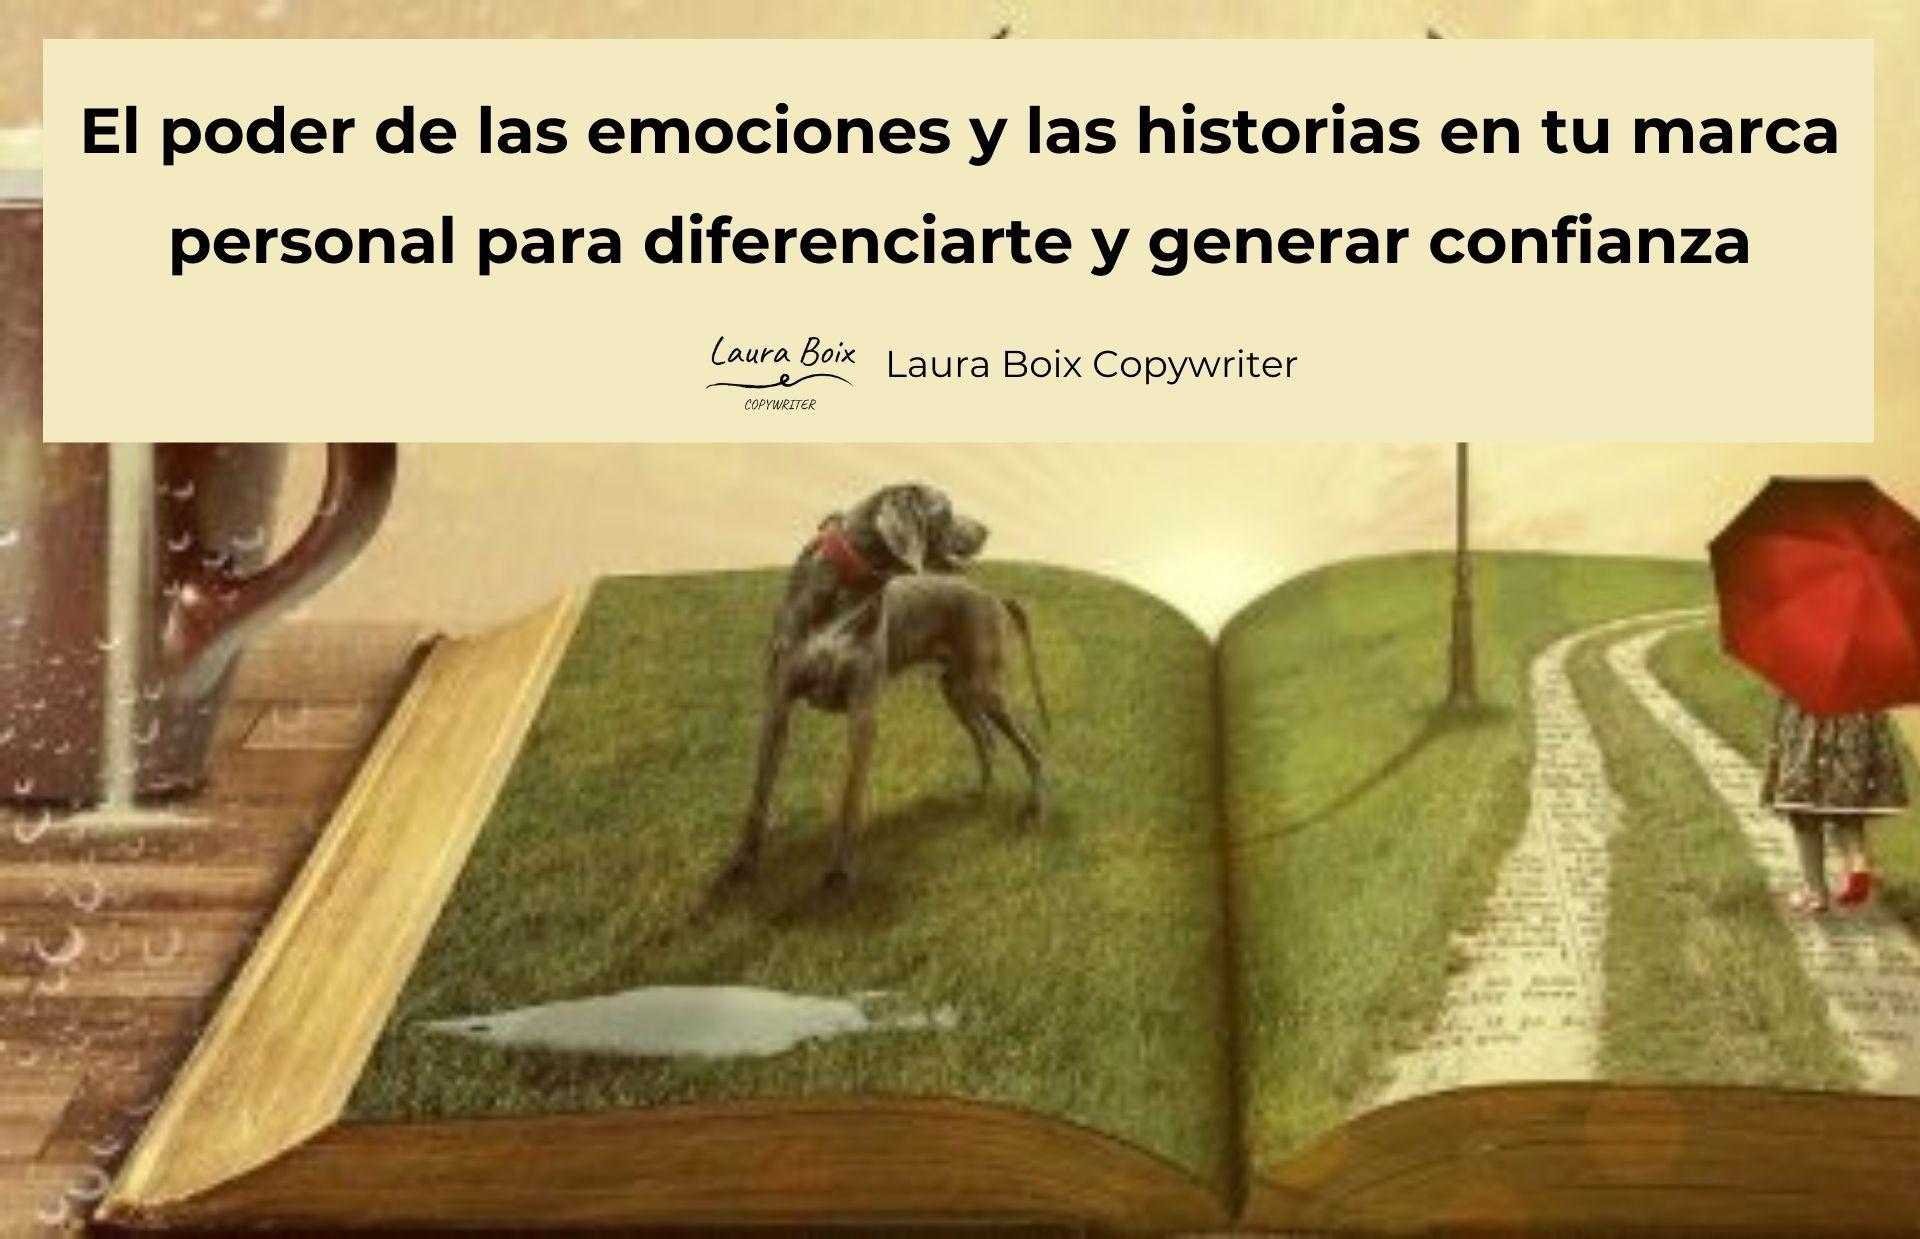 las-emociones-y-las-historias-en-tu-marca-personal-para-diferenciarte-y-generar-confianza